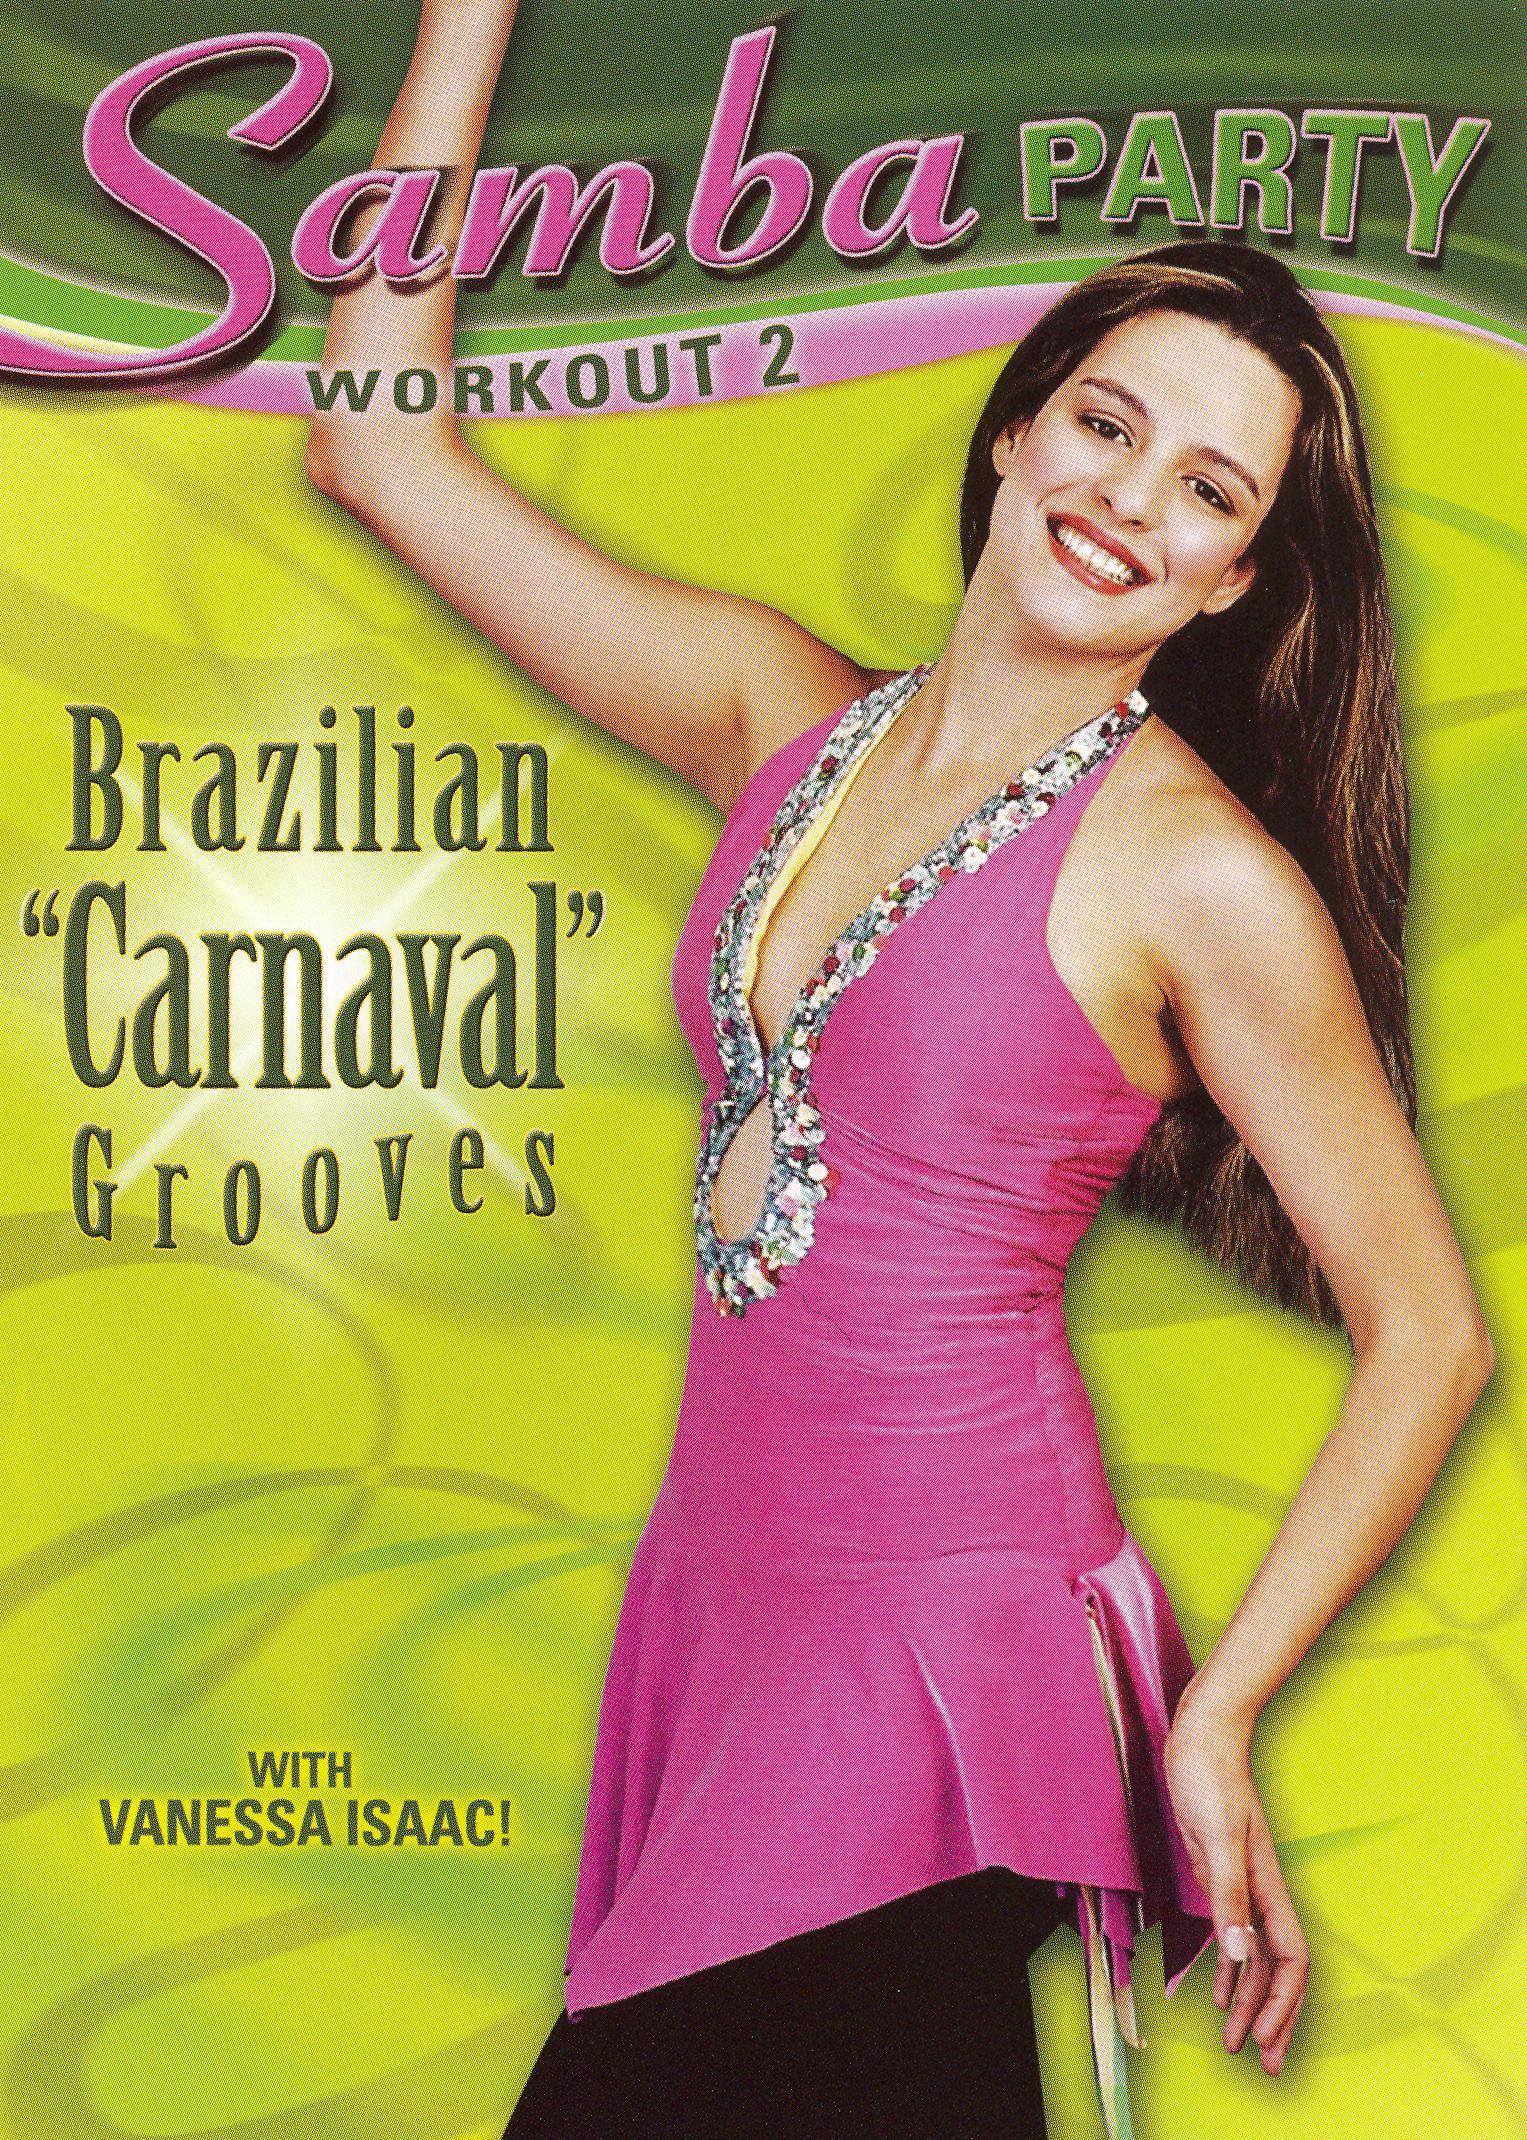 Vanessa Isaac: Samba Party Workout 2 - Brazilian